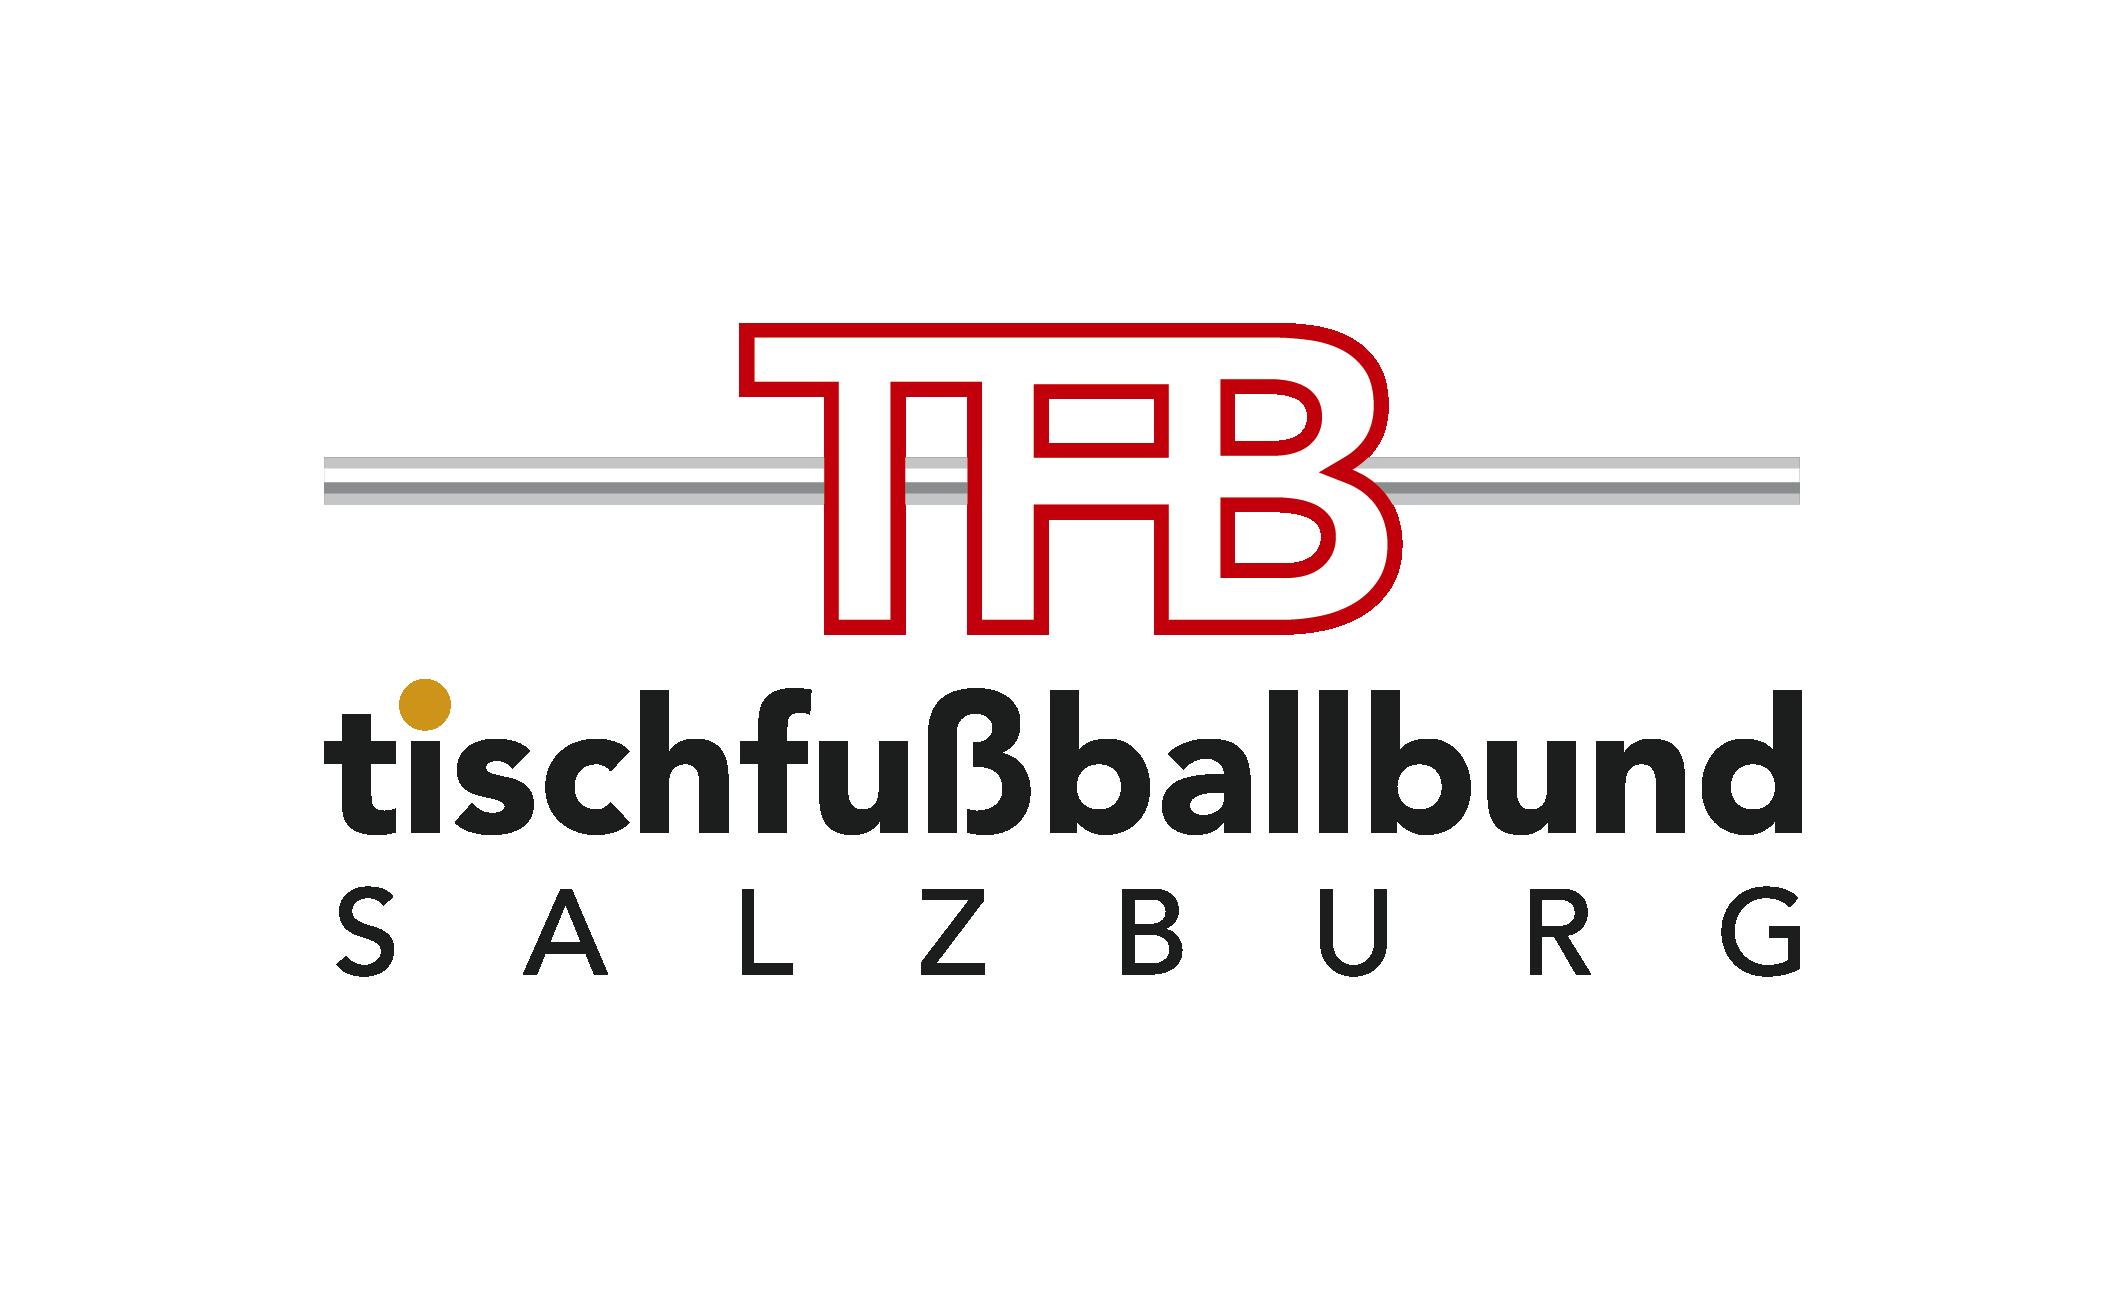 Tischfußballbund Salzburg